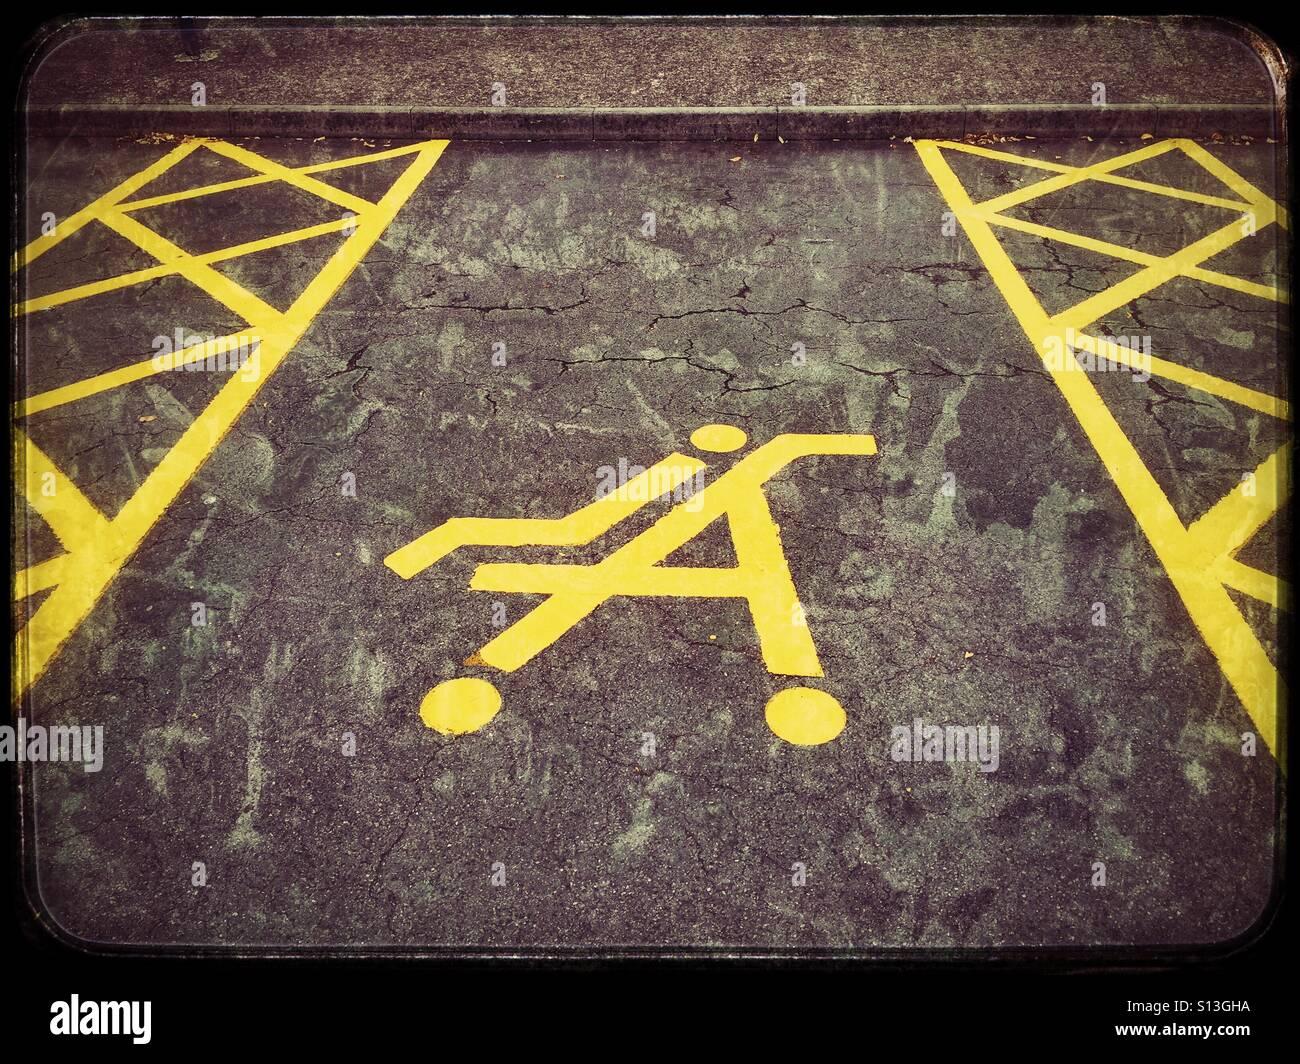 Una plaza de aparcamiento reservada para personas que viajan en coche y transporte de niños. El símbolo Imagen De Stock